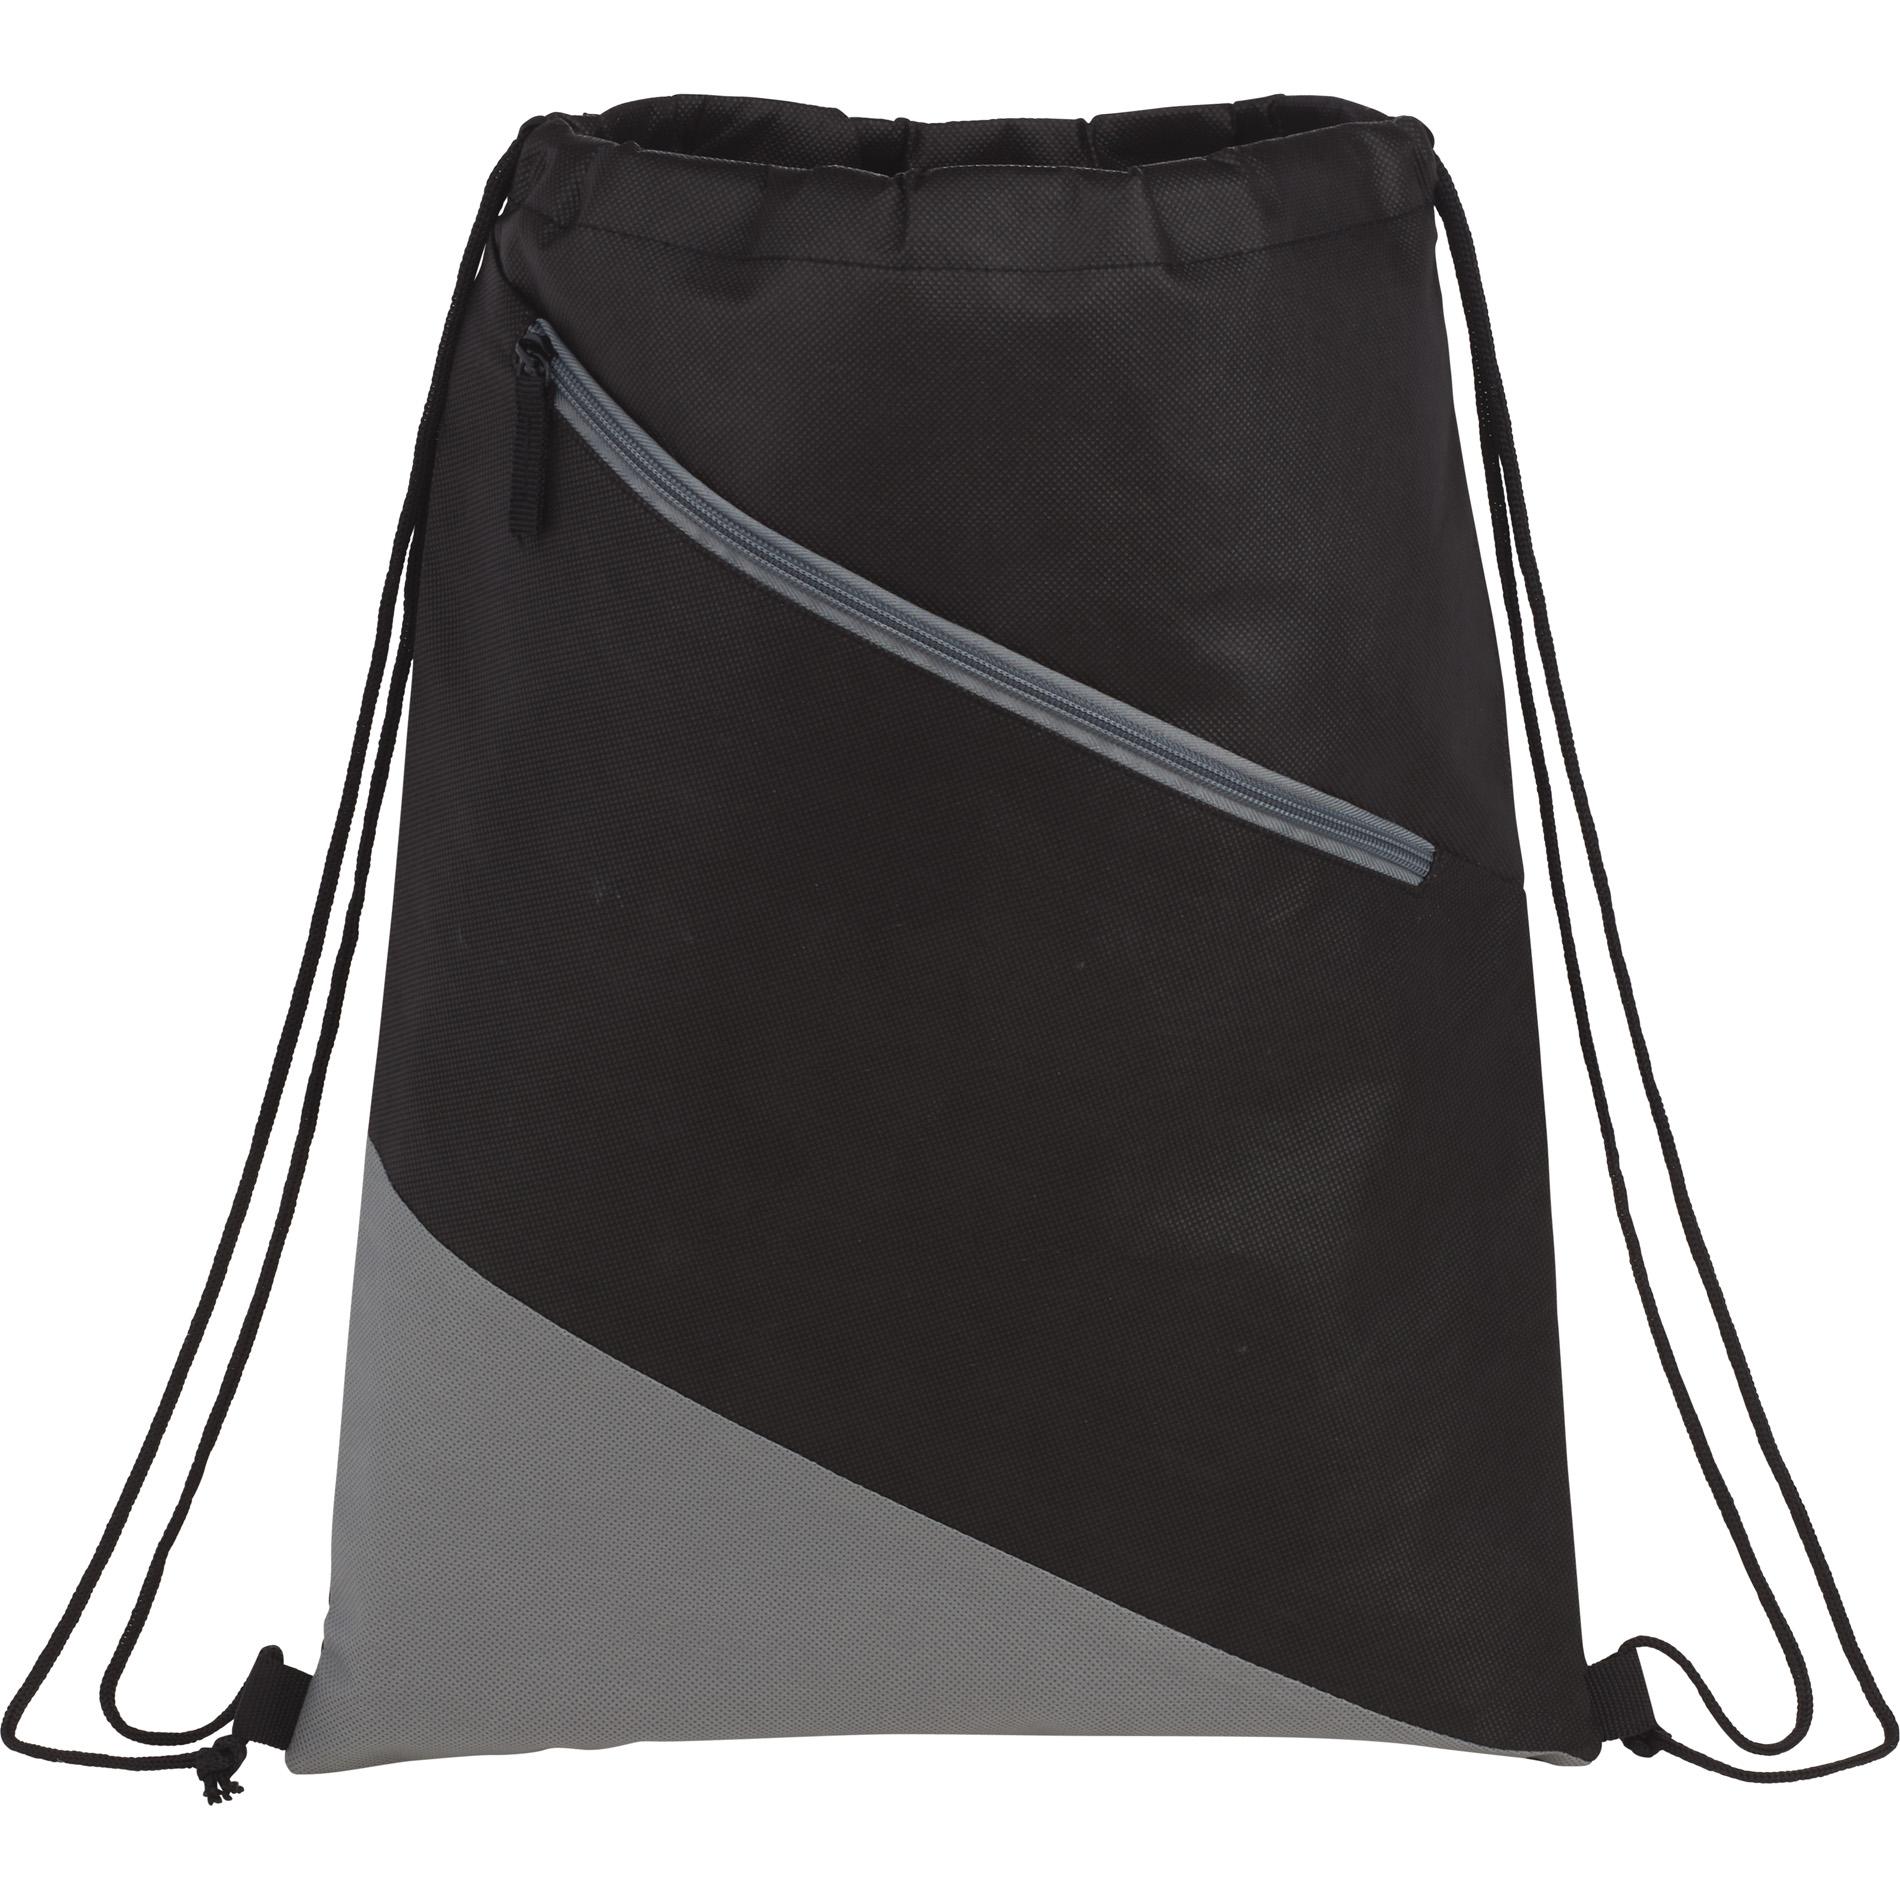 LEEDS 3005-25 - Slanted Non-Woven Drawstring Bag